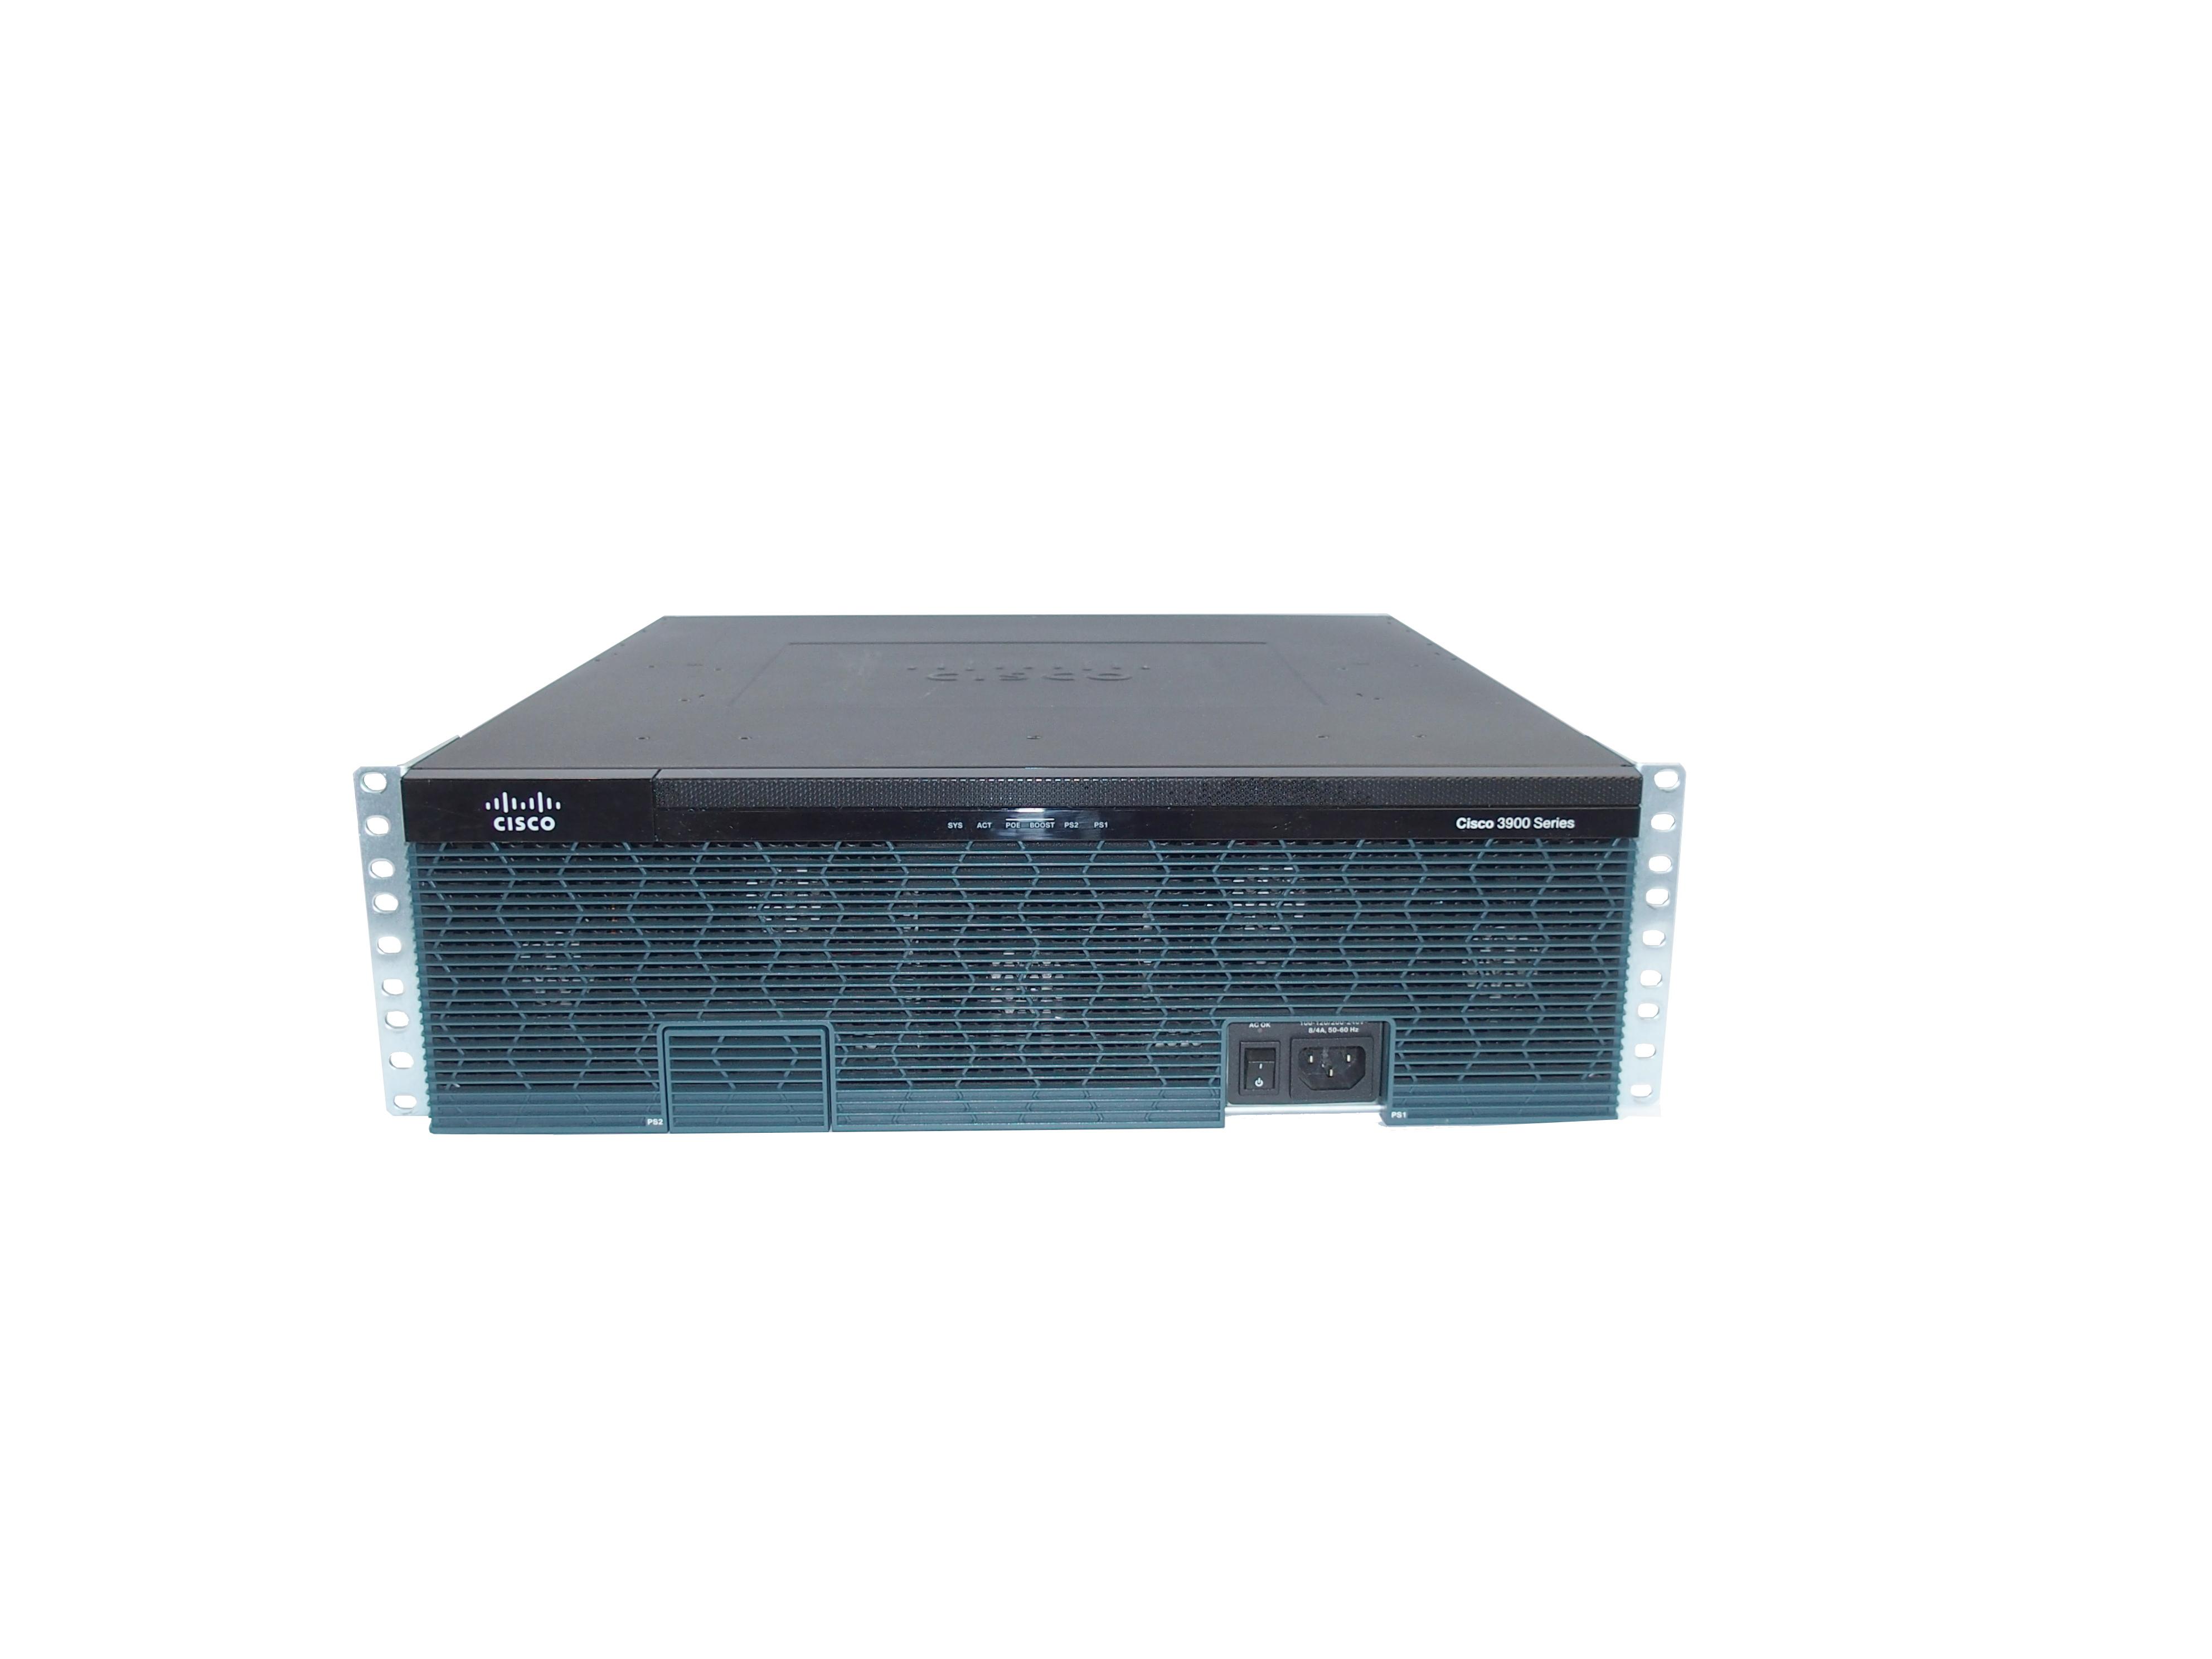 Cisco CISCO3925 CHASSIS V02 C3900